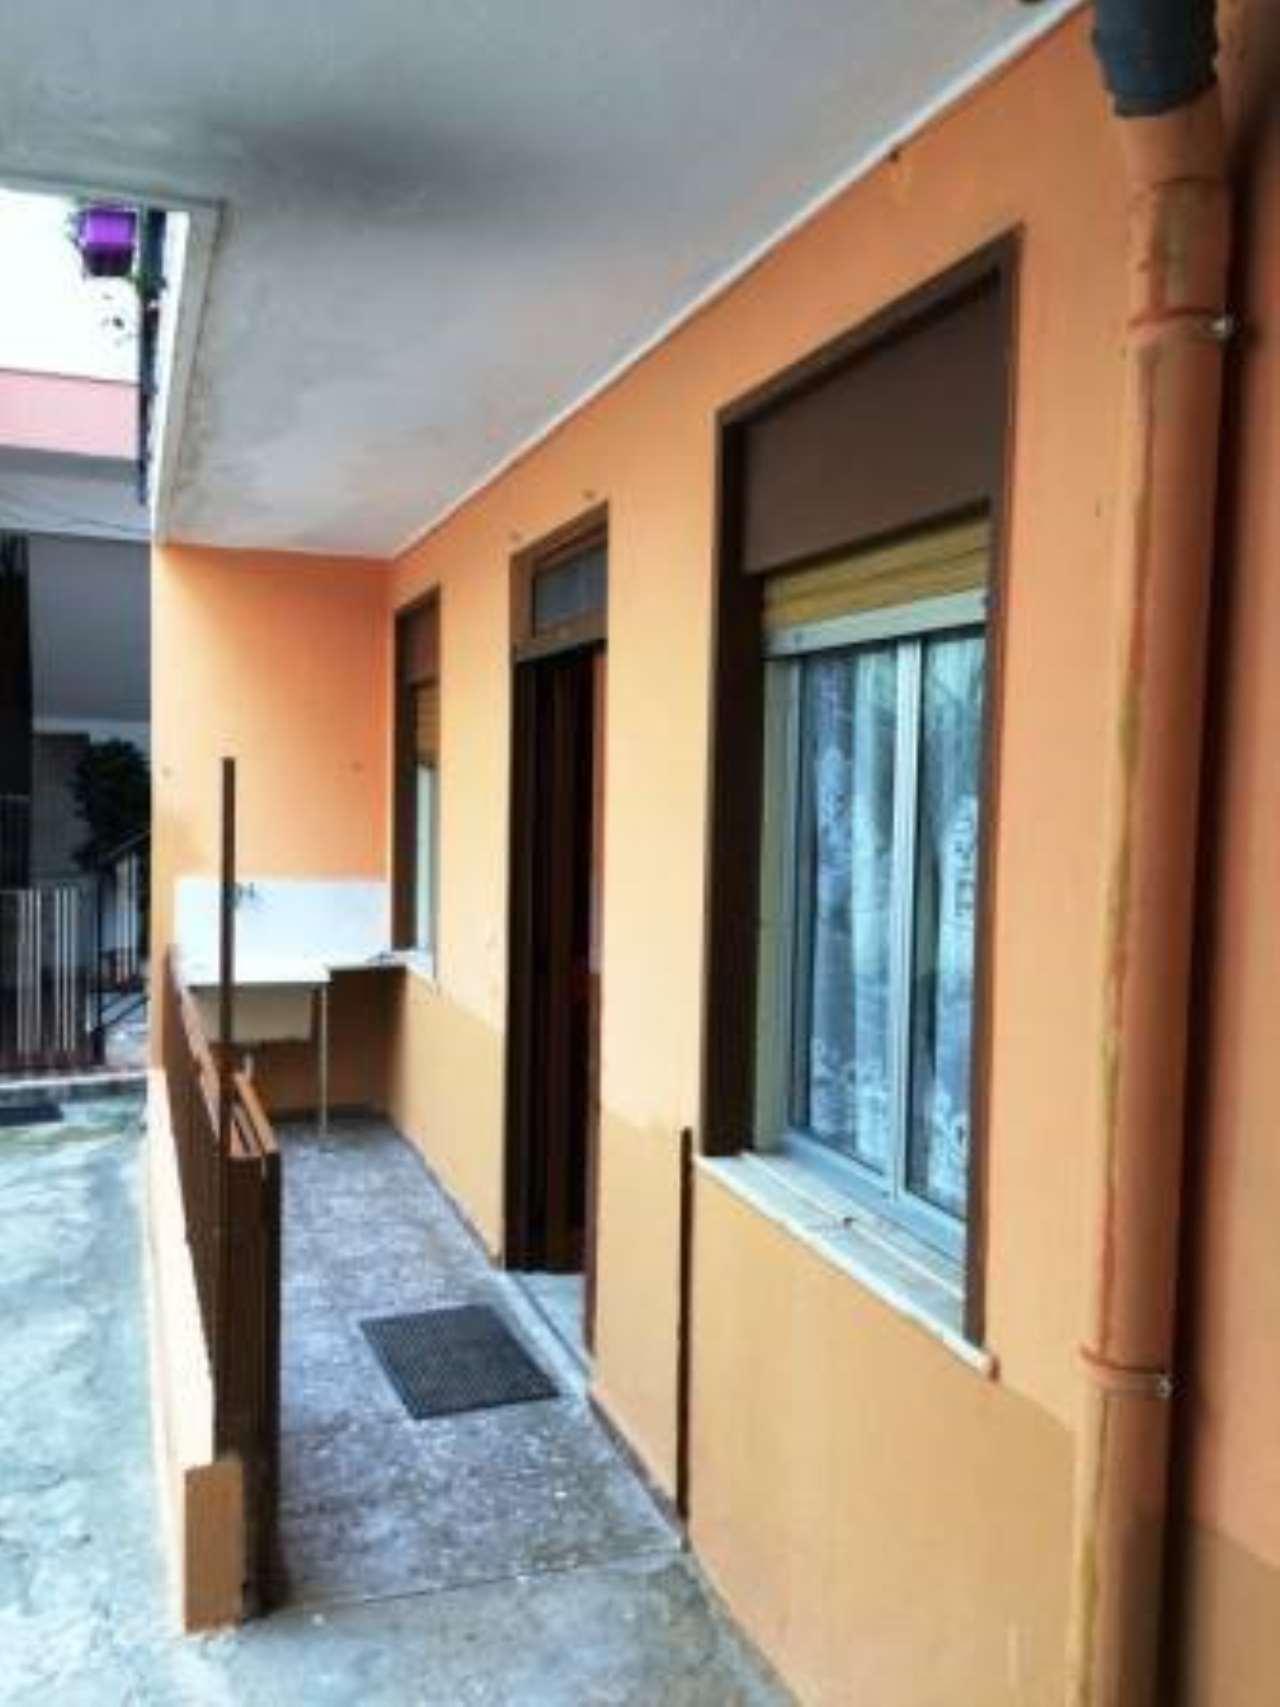 Appartamento in vendita a Messina, 3 locali, prezzo € 35.000 | CambioCasa.it